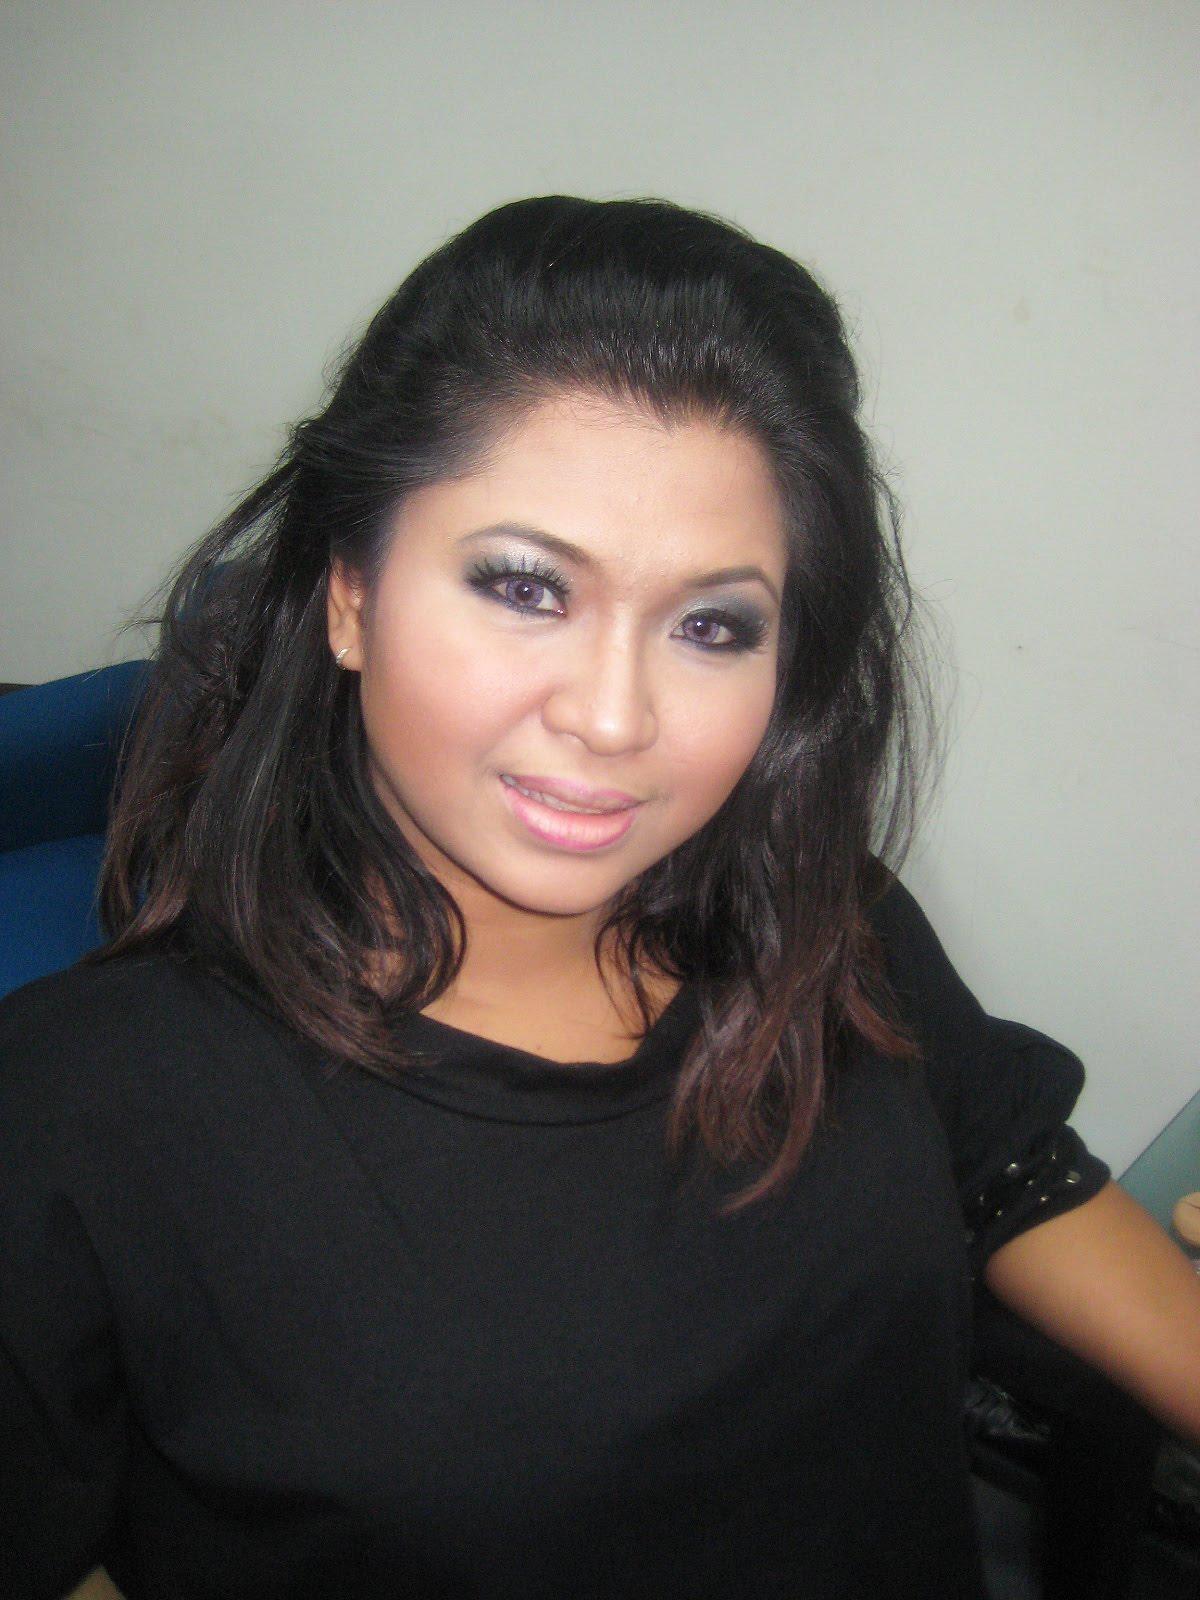 http://2.bp.blogspot.com/-fw6PD7gEz7o/T-vy49jnN7I/AAAAAAAAKUE/tUmi7c2VnSM/s1600/Ieda+Moin.jpg